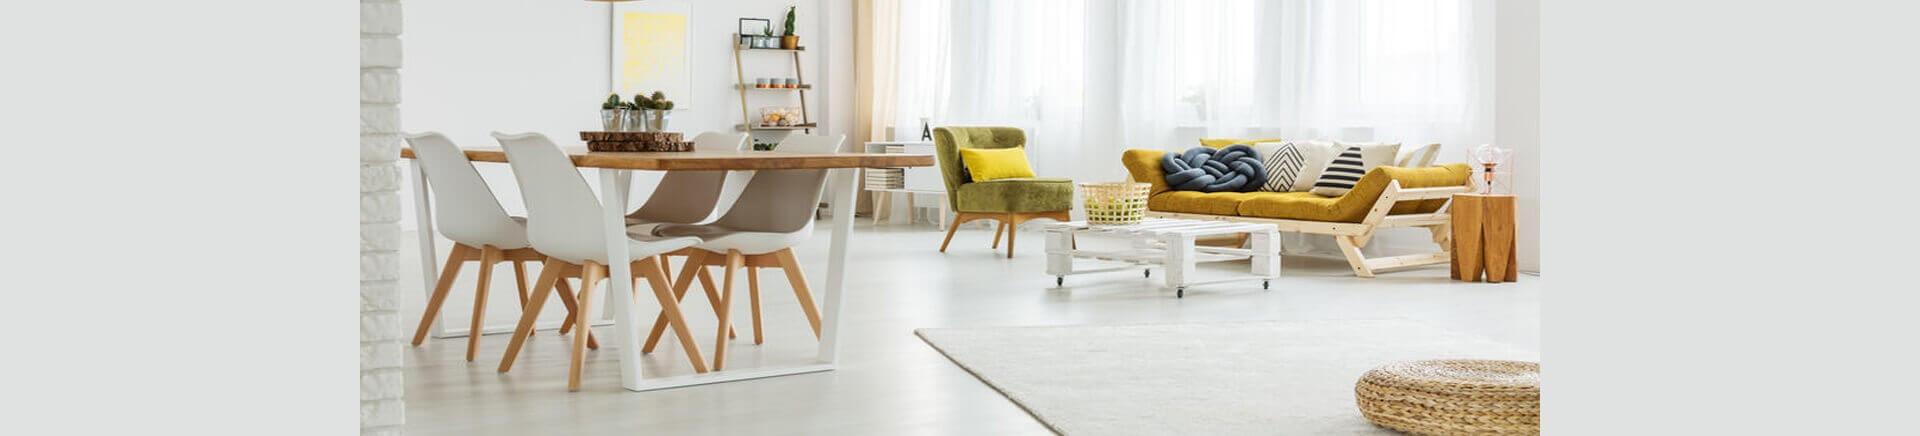 sillas de diseño moderno de sus diseñadores favoritos a precios asequibles para todos los bolsillos.